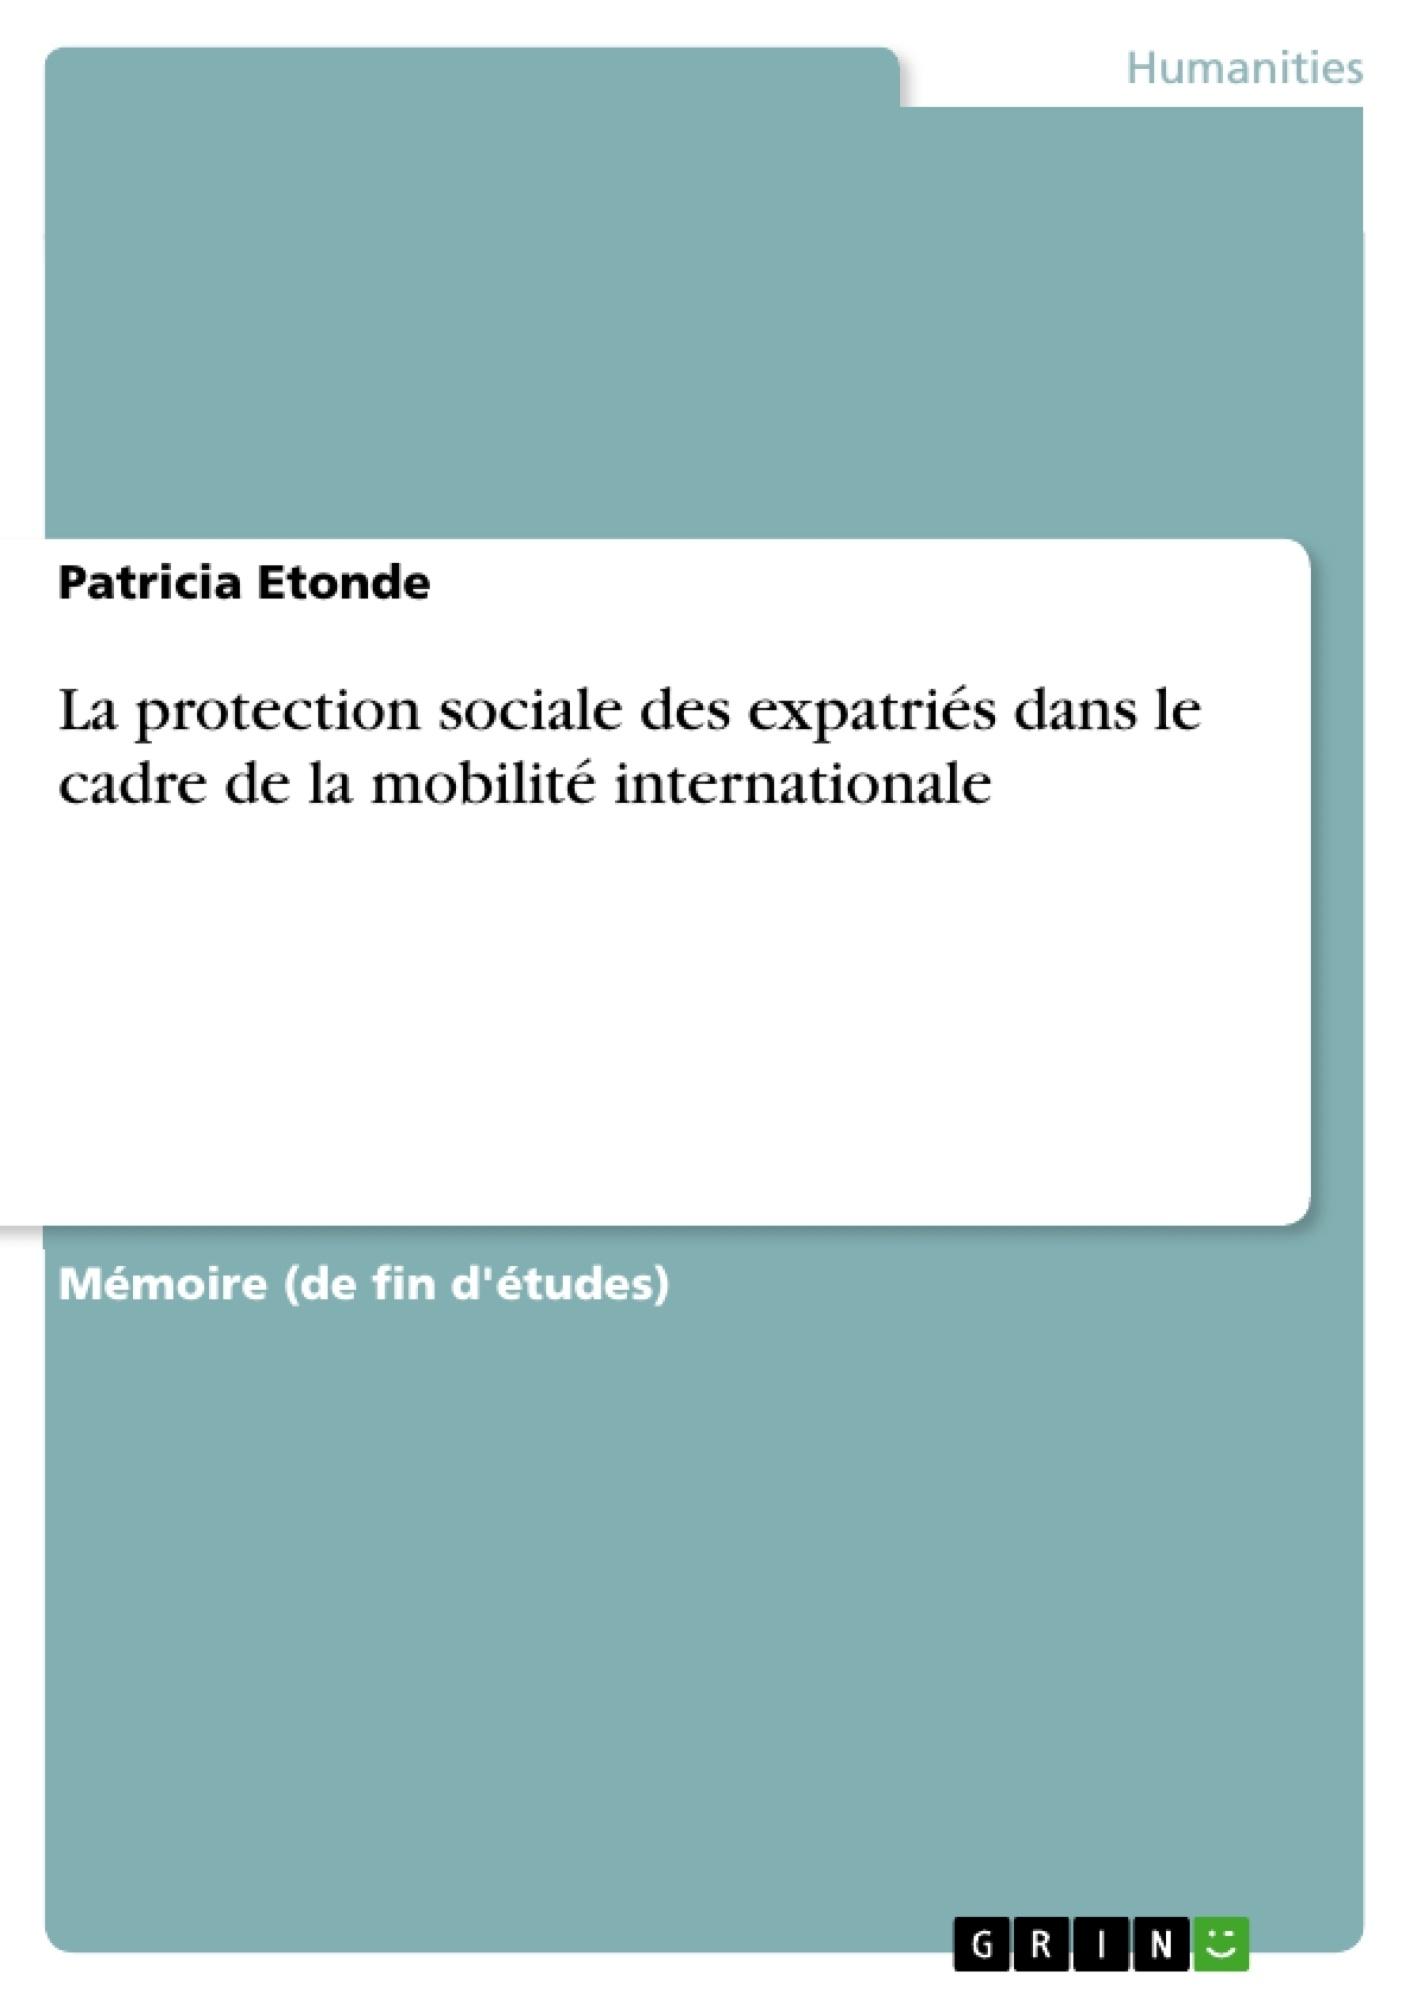 Titre: La protection sociale des expatriés dans le cadre de la mobilité internationale